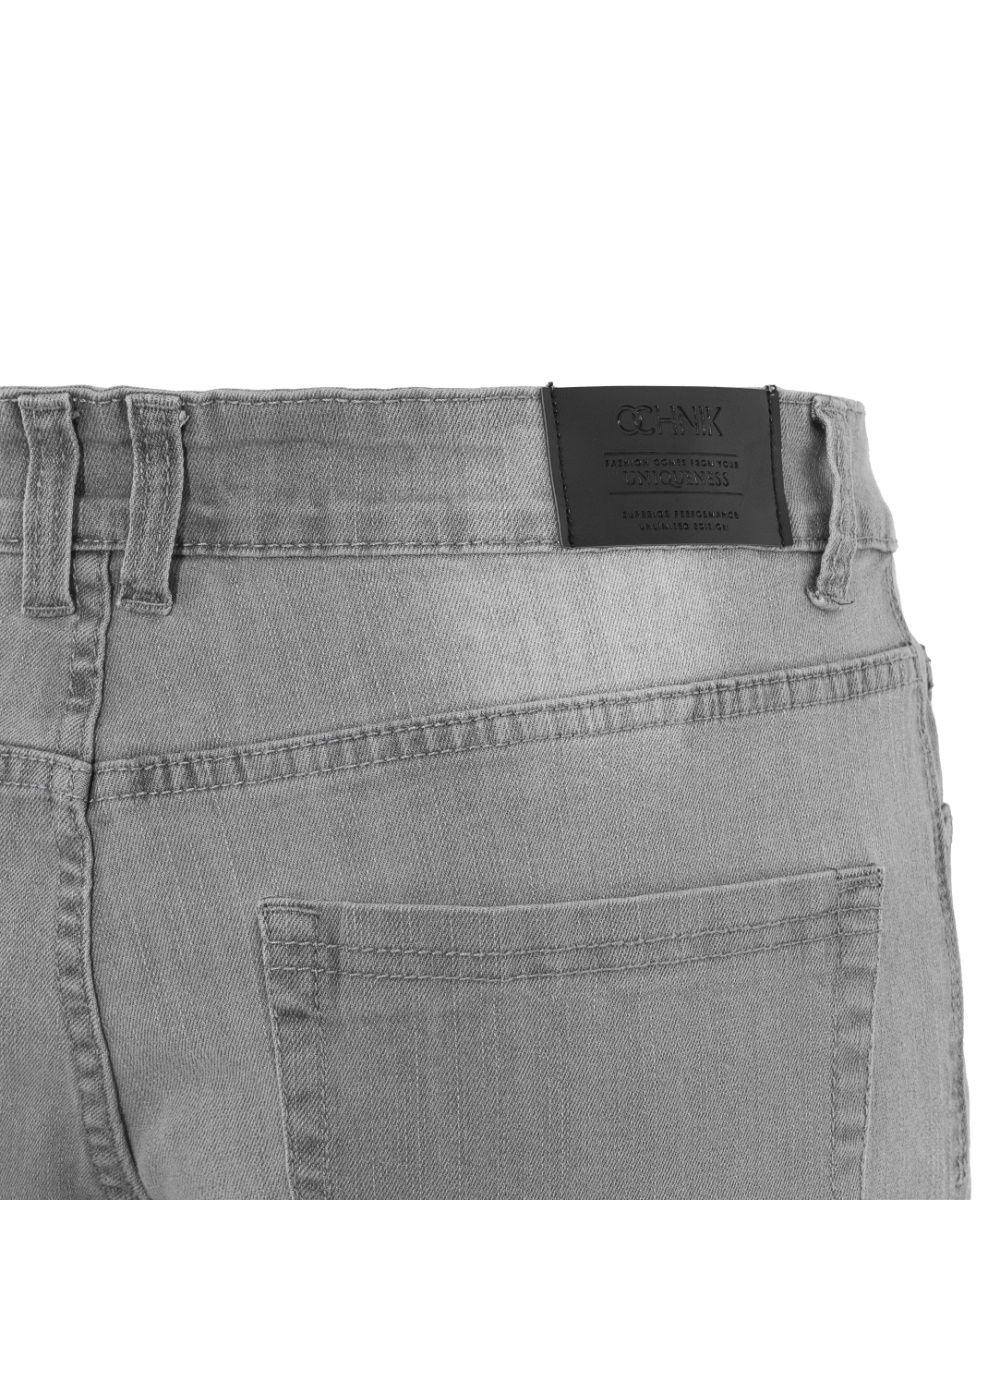 Spodnie męskie JEAMT-0008-91(W20)